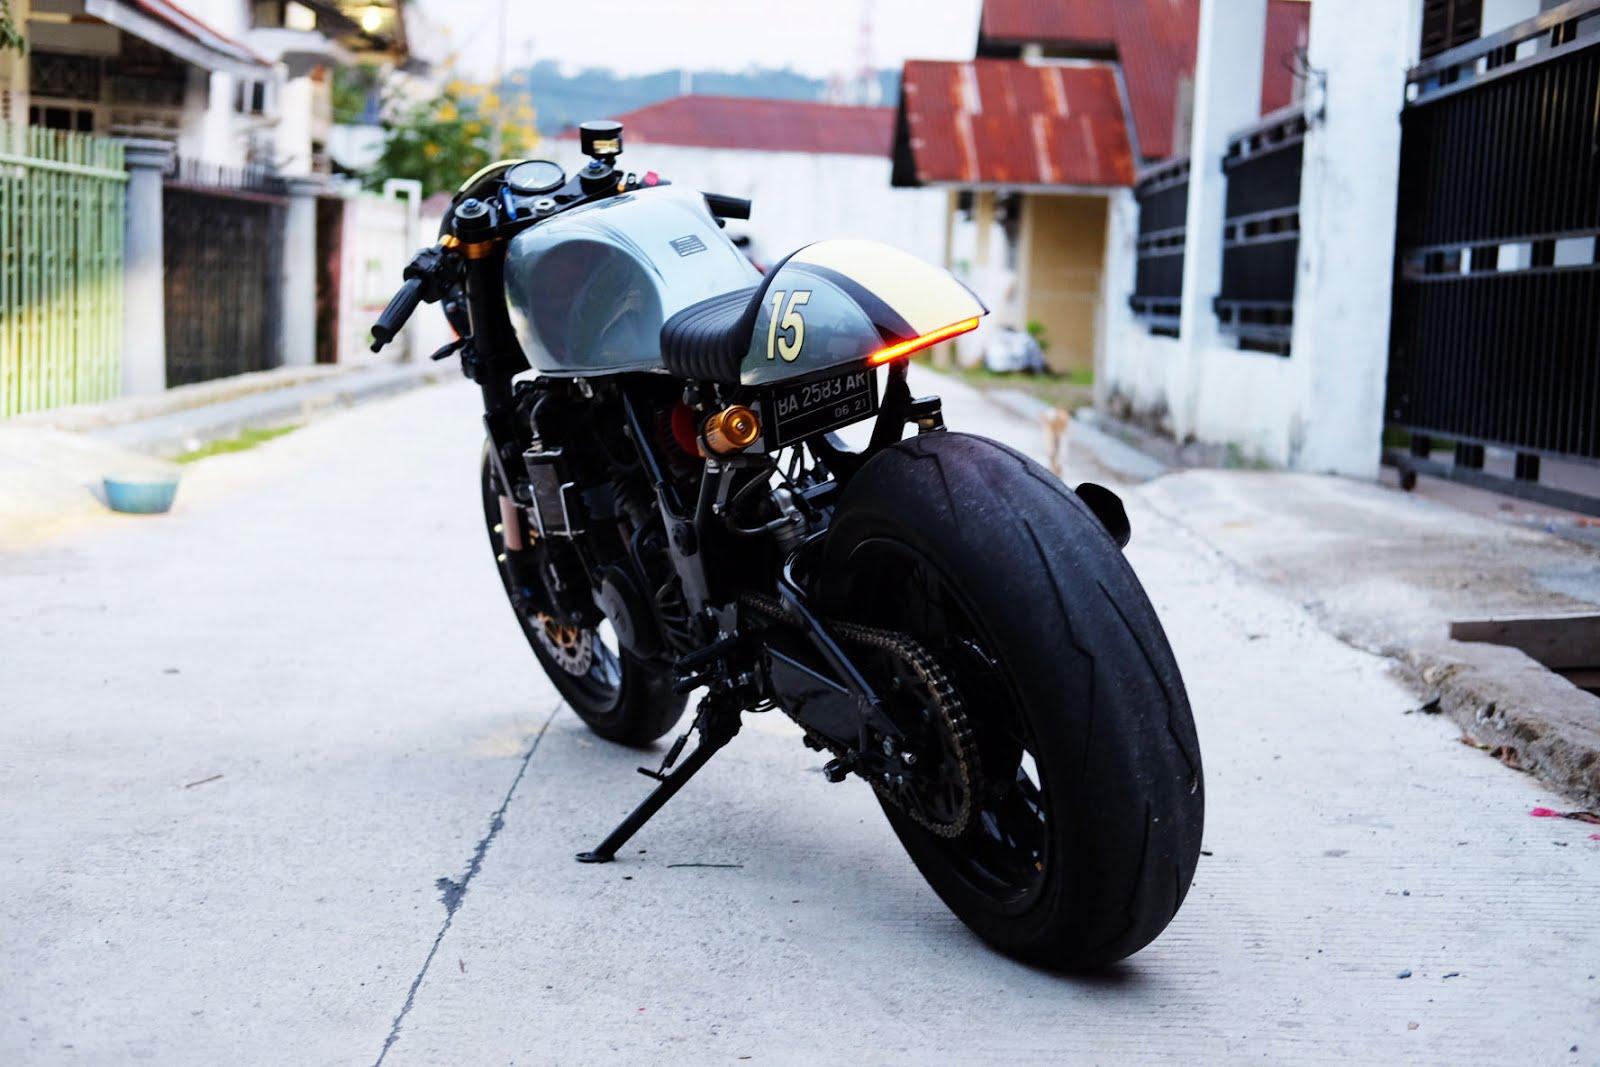 Kawasaki Ninja 250cc Cafe Racer 6